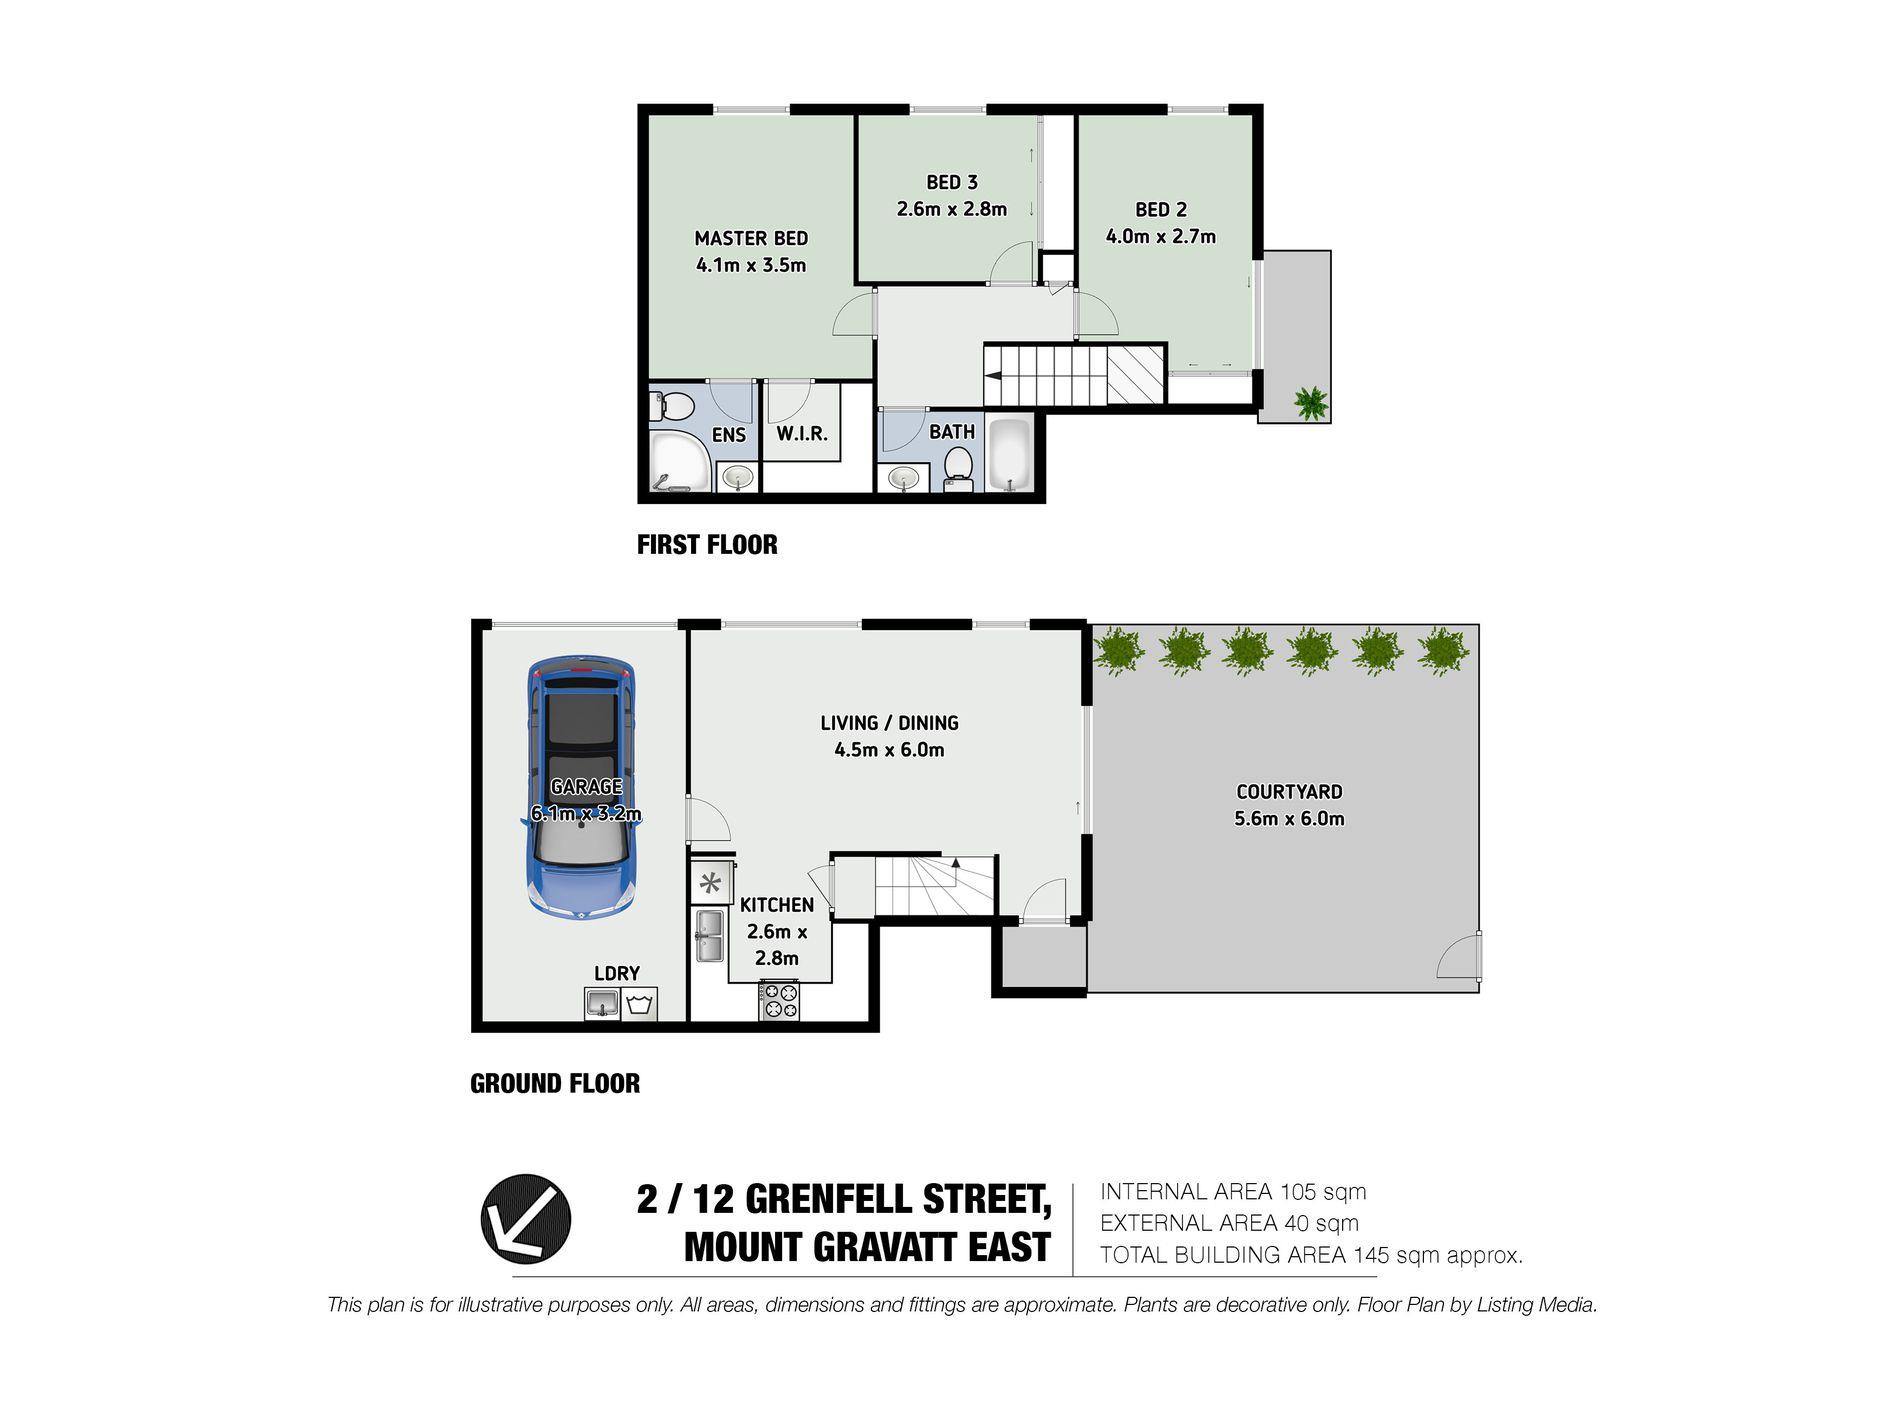 2 / 12 Grenfell Street, Mount Gravatt East